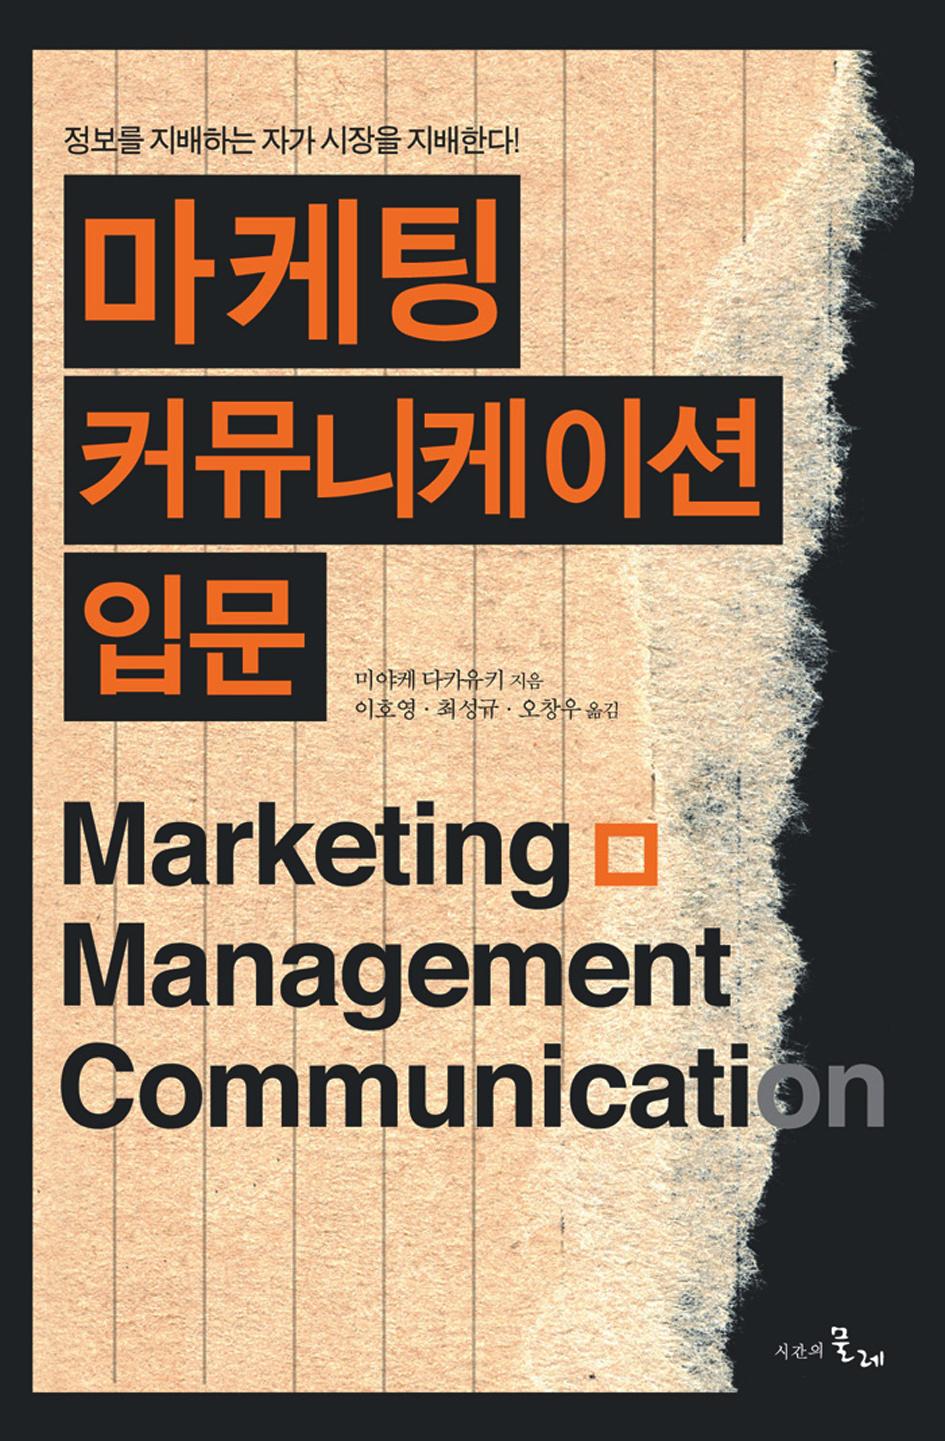 마케팅 커뮤니케이션 입문